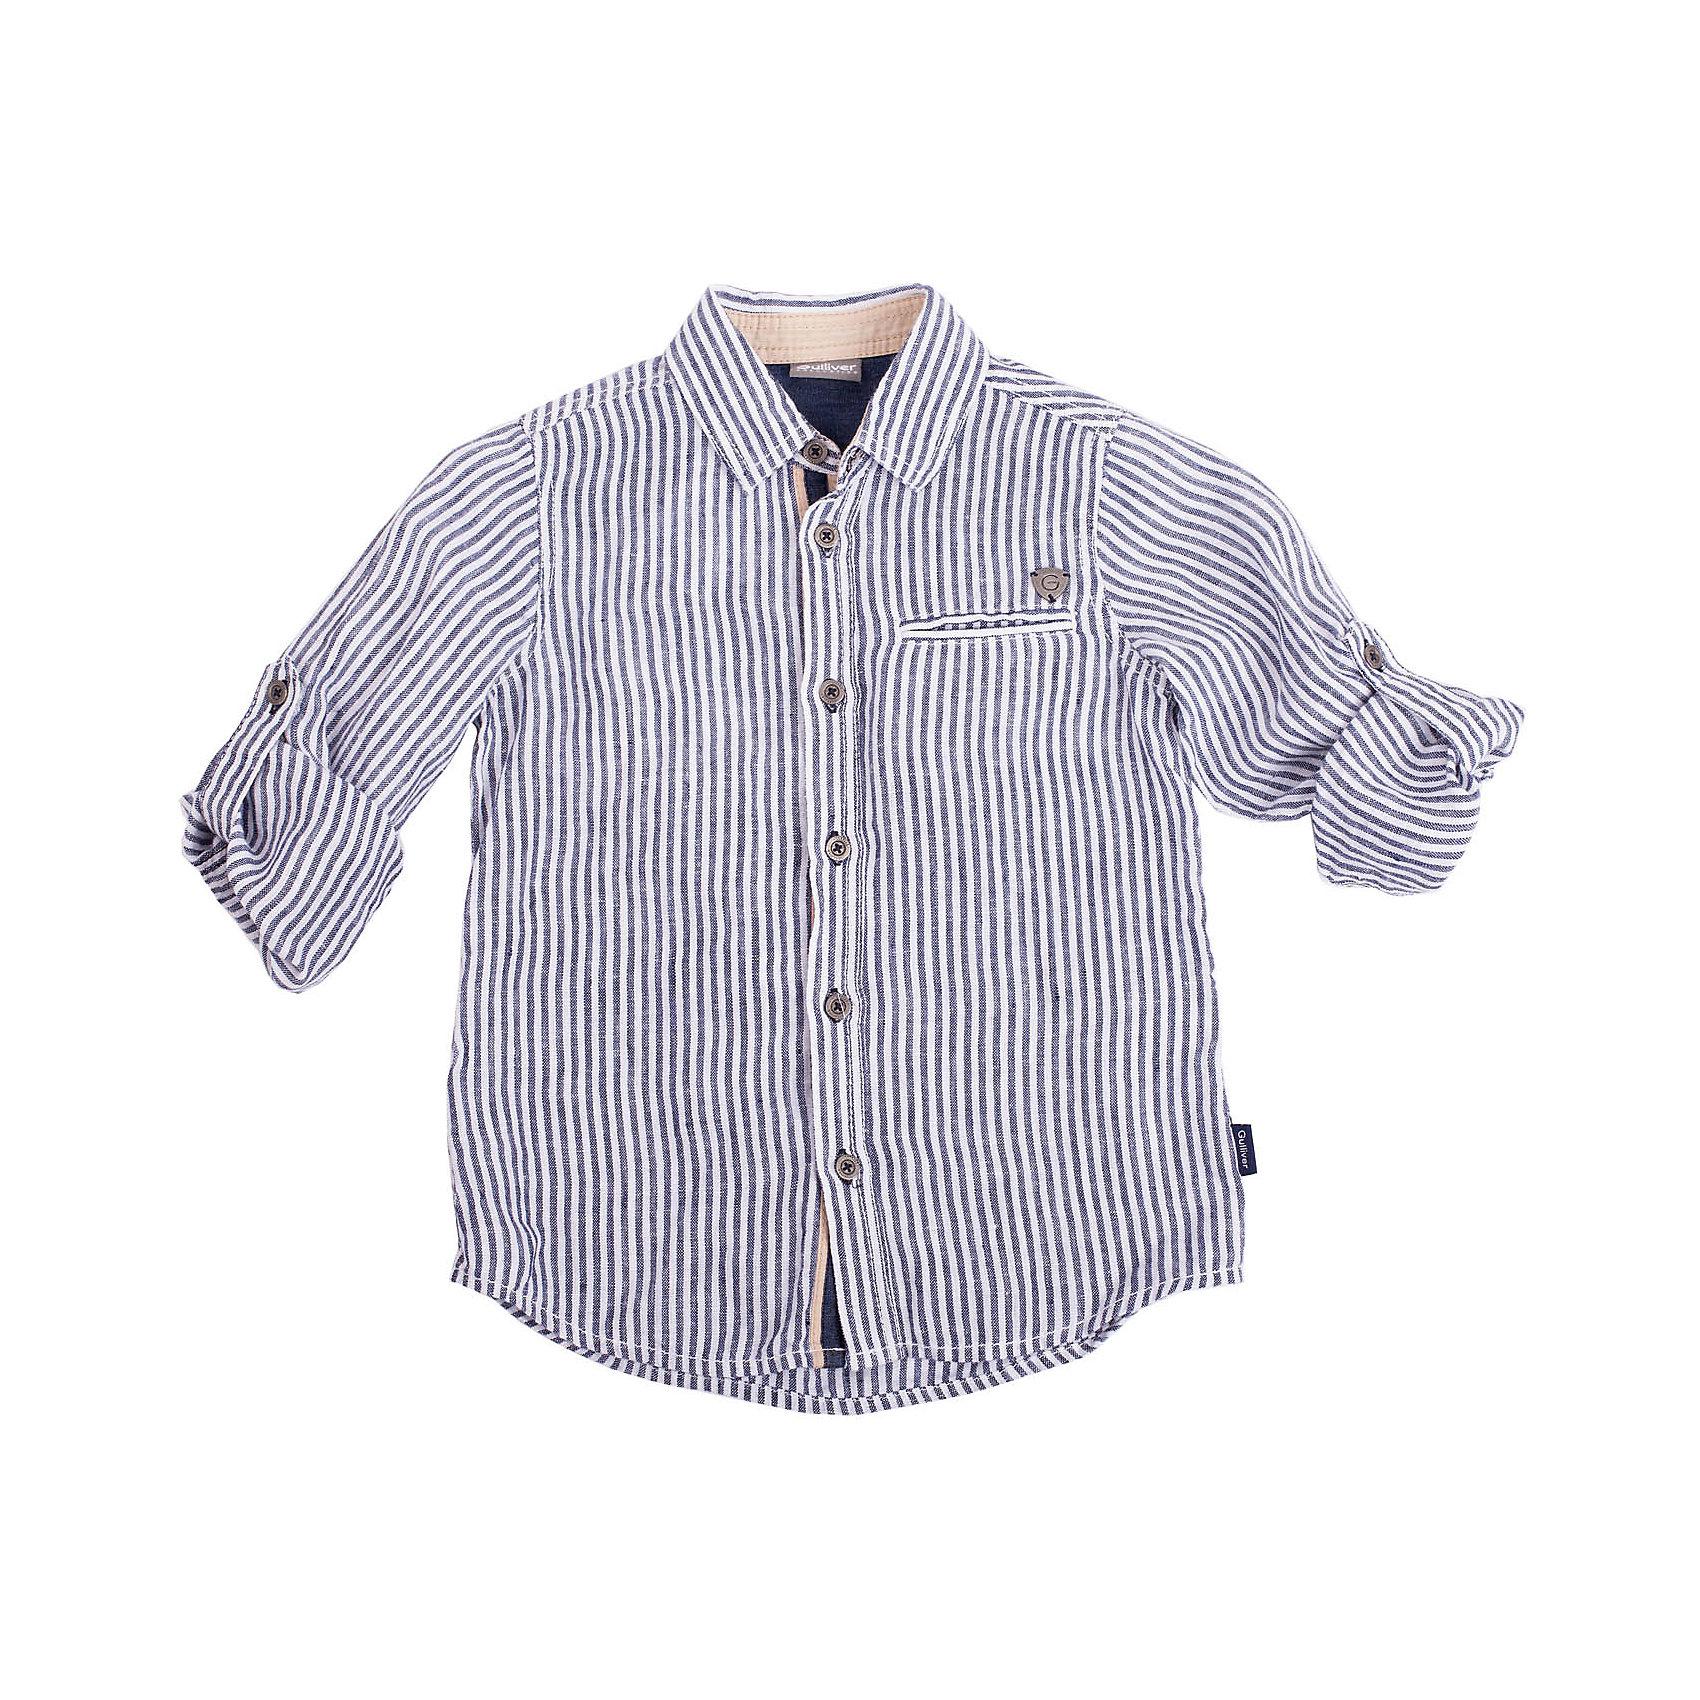 Рубашка для мальчика GulliverМодная летняя рубашка для мальчика - это рубашка в полоску из 100% льна. Рубашка выглядит потрясающе! Актуальная длина, красивый силуэт, высочайшее качество материалов, стильные налокотники из тонкой синей джинсы, эффектная отделка планки и манжет бежевым текстилем демонстрируют как должна выглядеть модная рубашка для мальчика в сезоне Весна-Лето 2016! Если вы решили купить летнюю рубашку и являетесь убежденным приверженцем стиля casual, не сомневайтесь, эта модель - для вас!<br>Состав:<br>100% лён<br><br>Ширина мм: 174<br>Глубина мм: 10<br>Высота мм: 169<br>Вес г: 157<br>Цвет: разноцветный<br>Возраст от месяцев: 24<br>Возраст до месяцев: 36<br>Пол: Мужской<br>Возраст: Детский<br>Размер: 98,104,122,116,110<br>SKU: 4534770